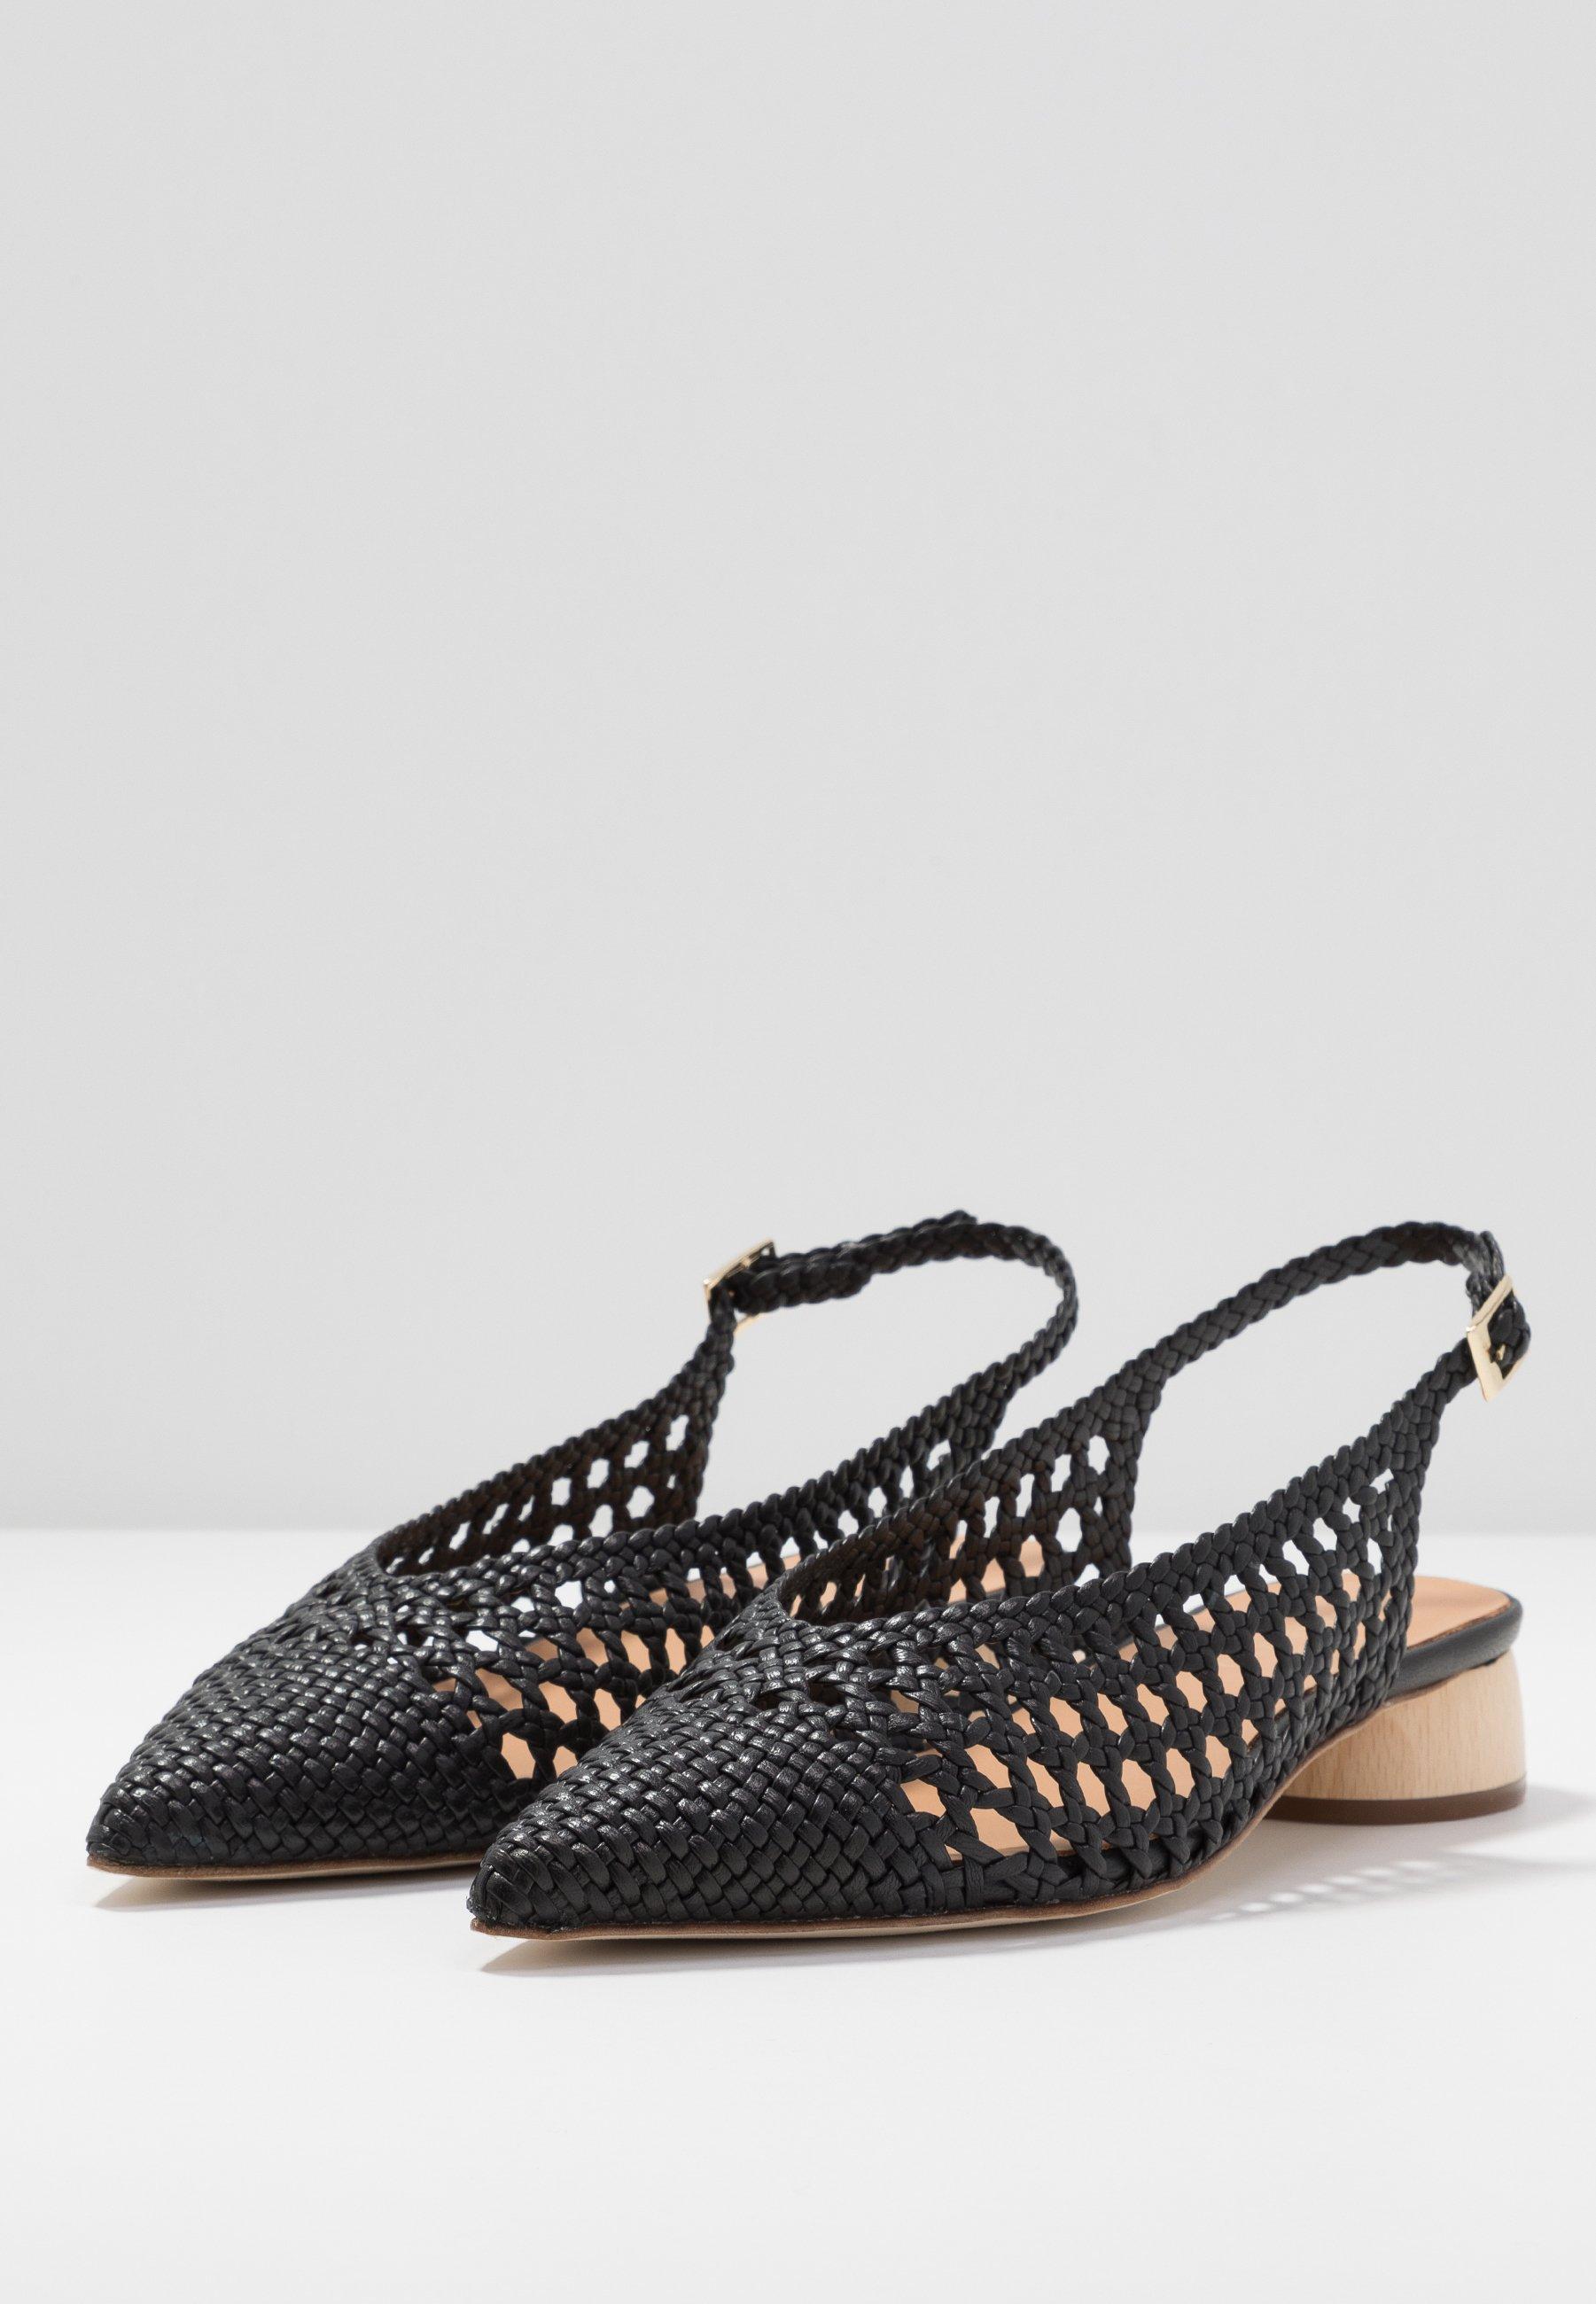 Paloma Barceló LEXIE ESPARTA - Escarpins - black - Chaussures à talons femme Limité